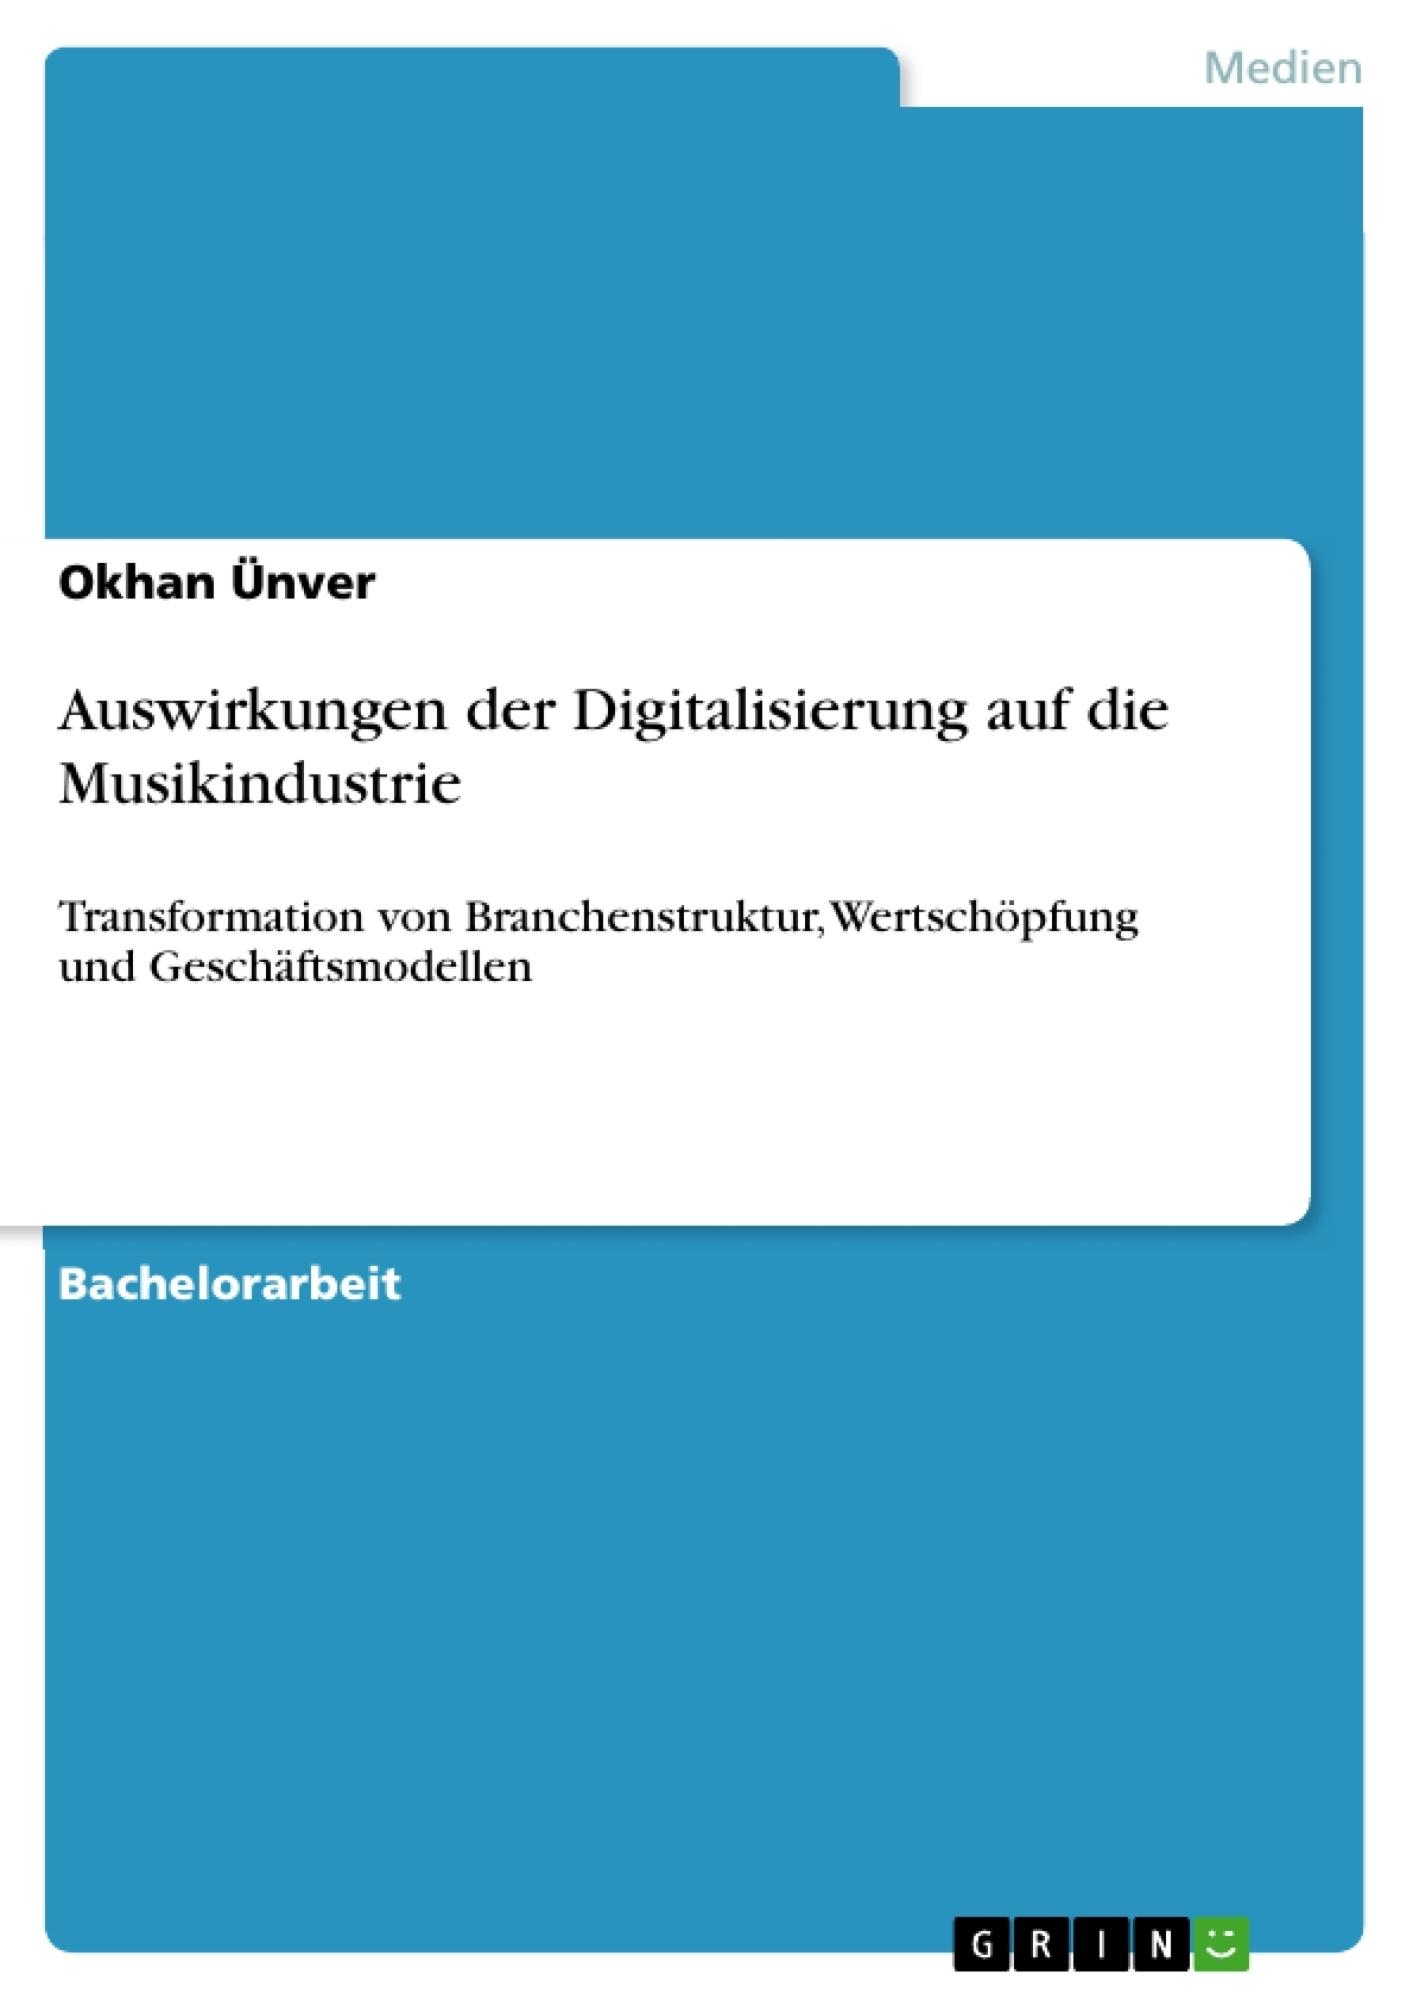 Titel: Auswirkungen der Digitalisierung auf die Musikindustrie